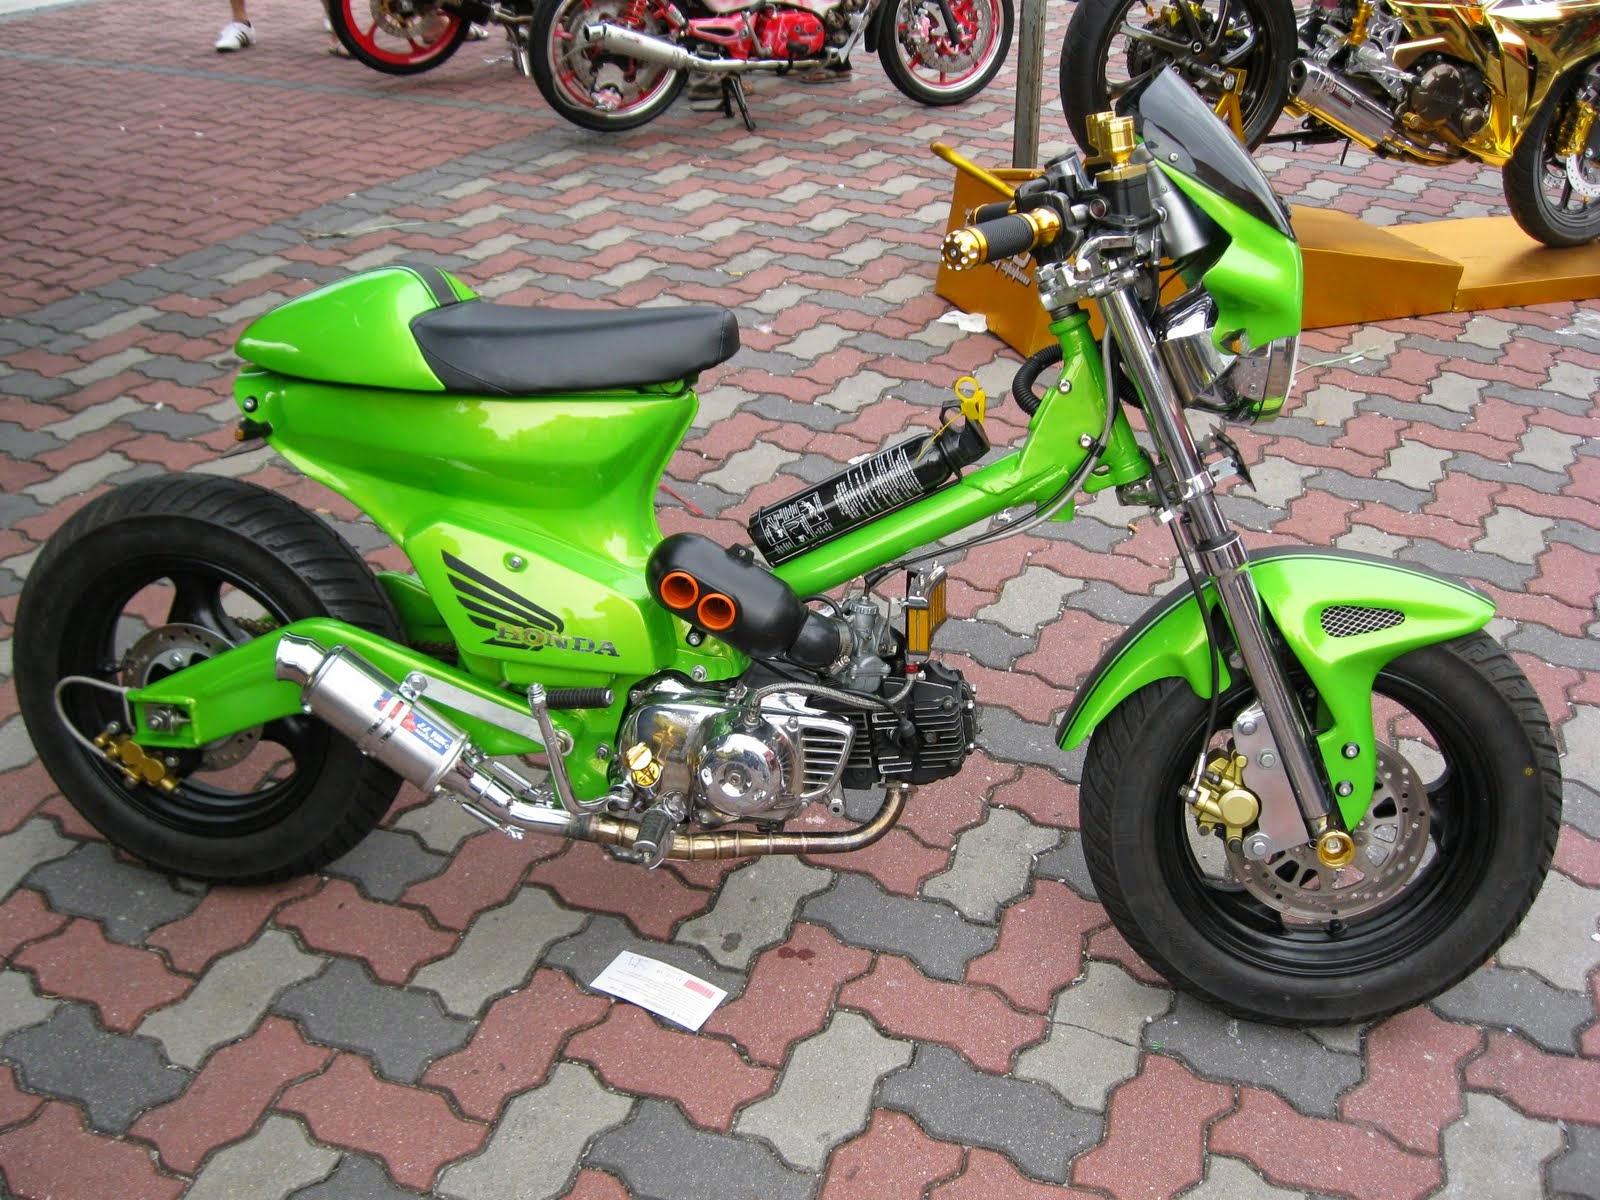 20 Modifikasi Motor Honda C70 Yang Unik Dan Elegan Otomotiva